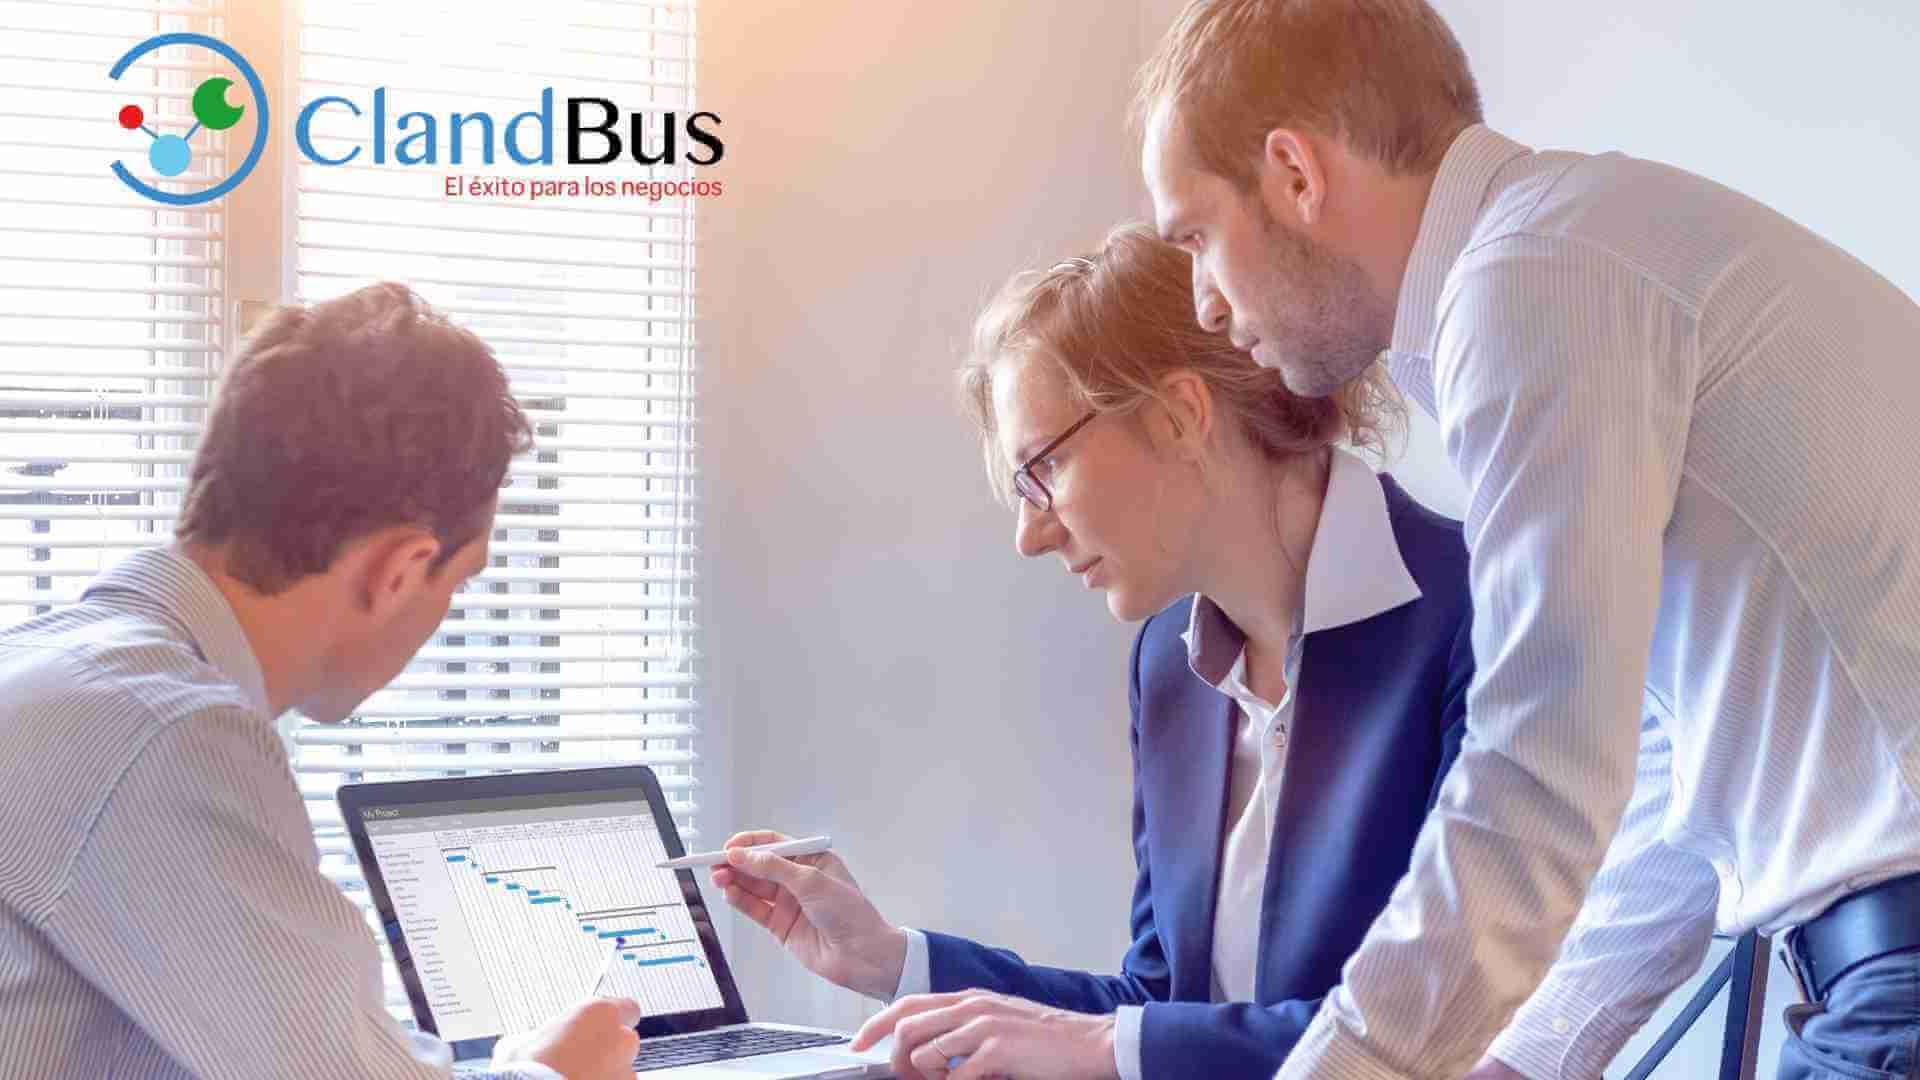 tecnologia business intelligence - Aprende como con socios ClandBus obtendrás tecnología para tu negocio